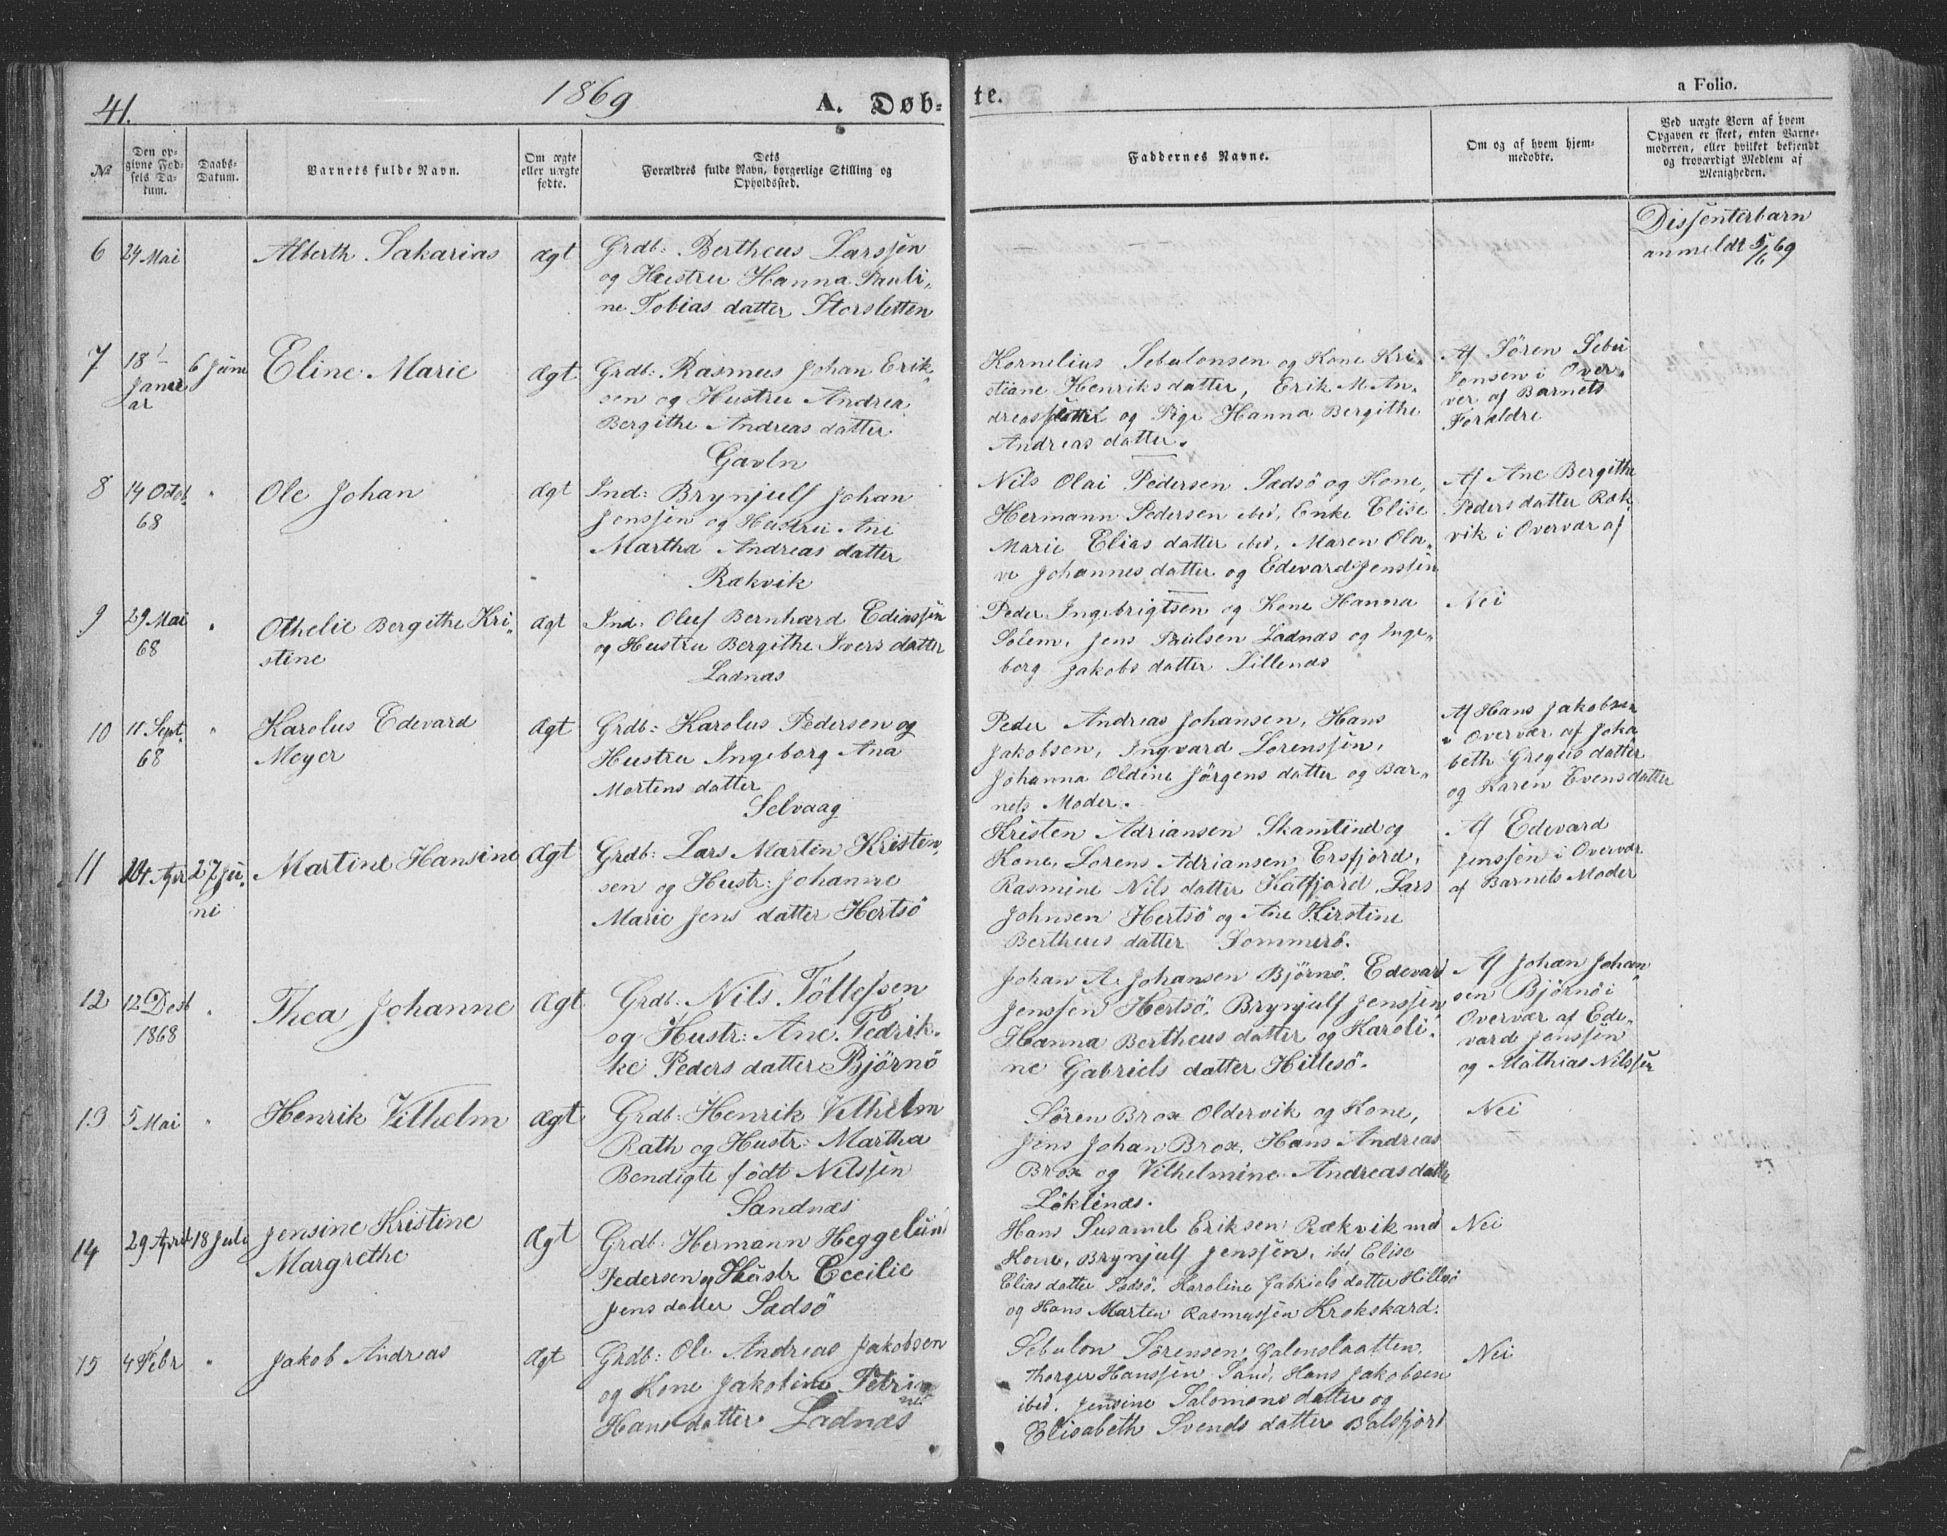 SATØ, Lenvik sokneprestembete, H/Ha/Hab/L0020klokker: Klokkerbok nr. 20, 1855-1883, s. 41